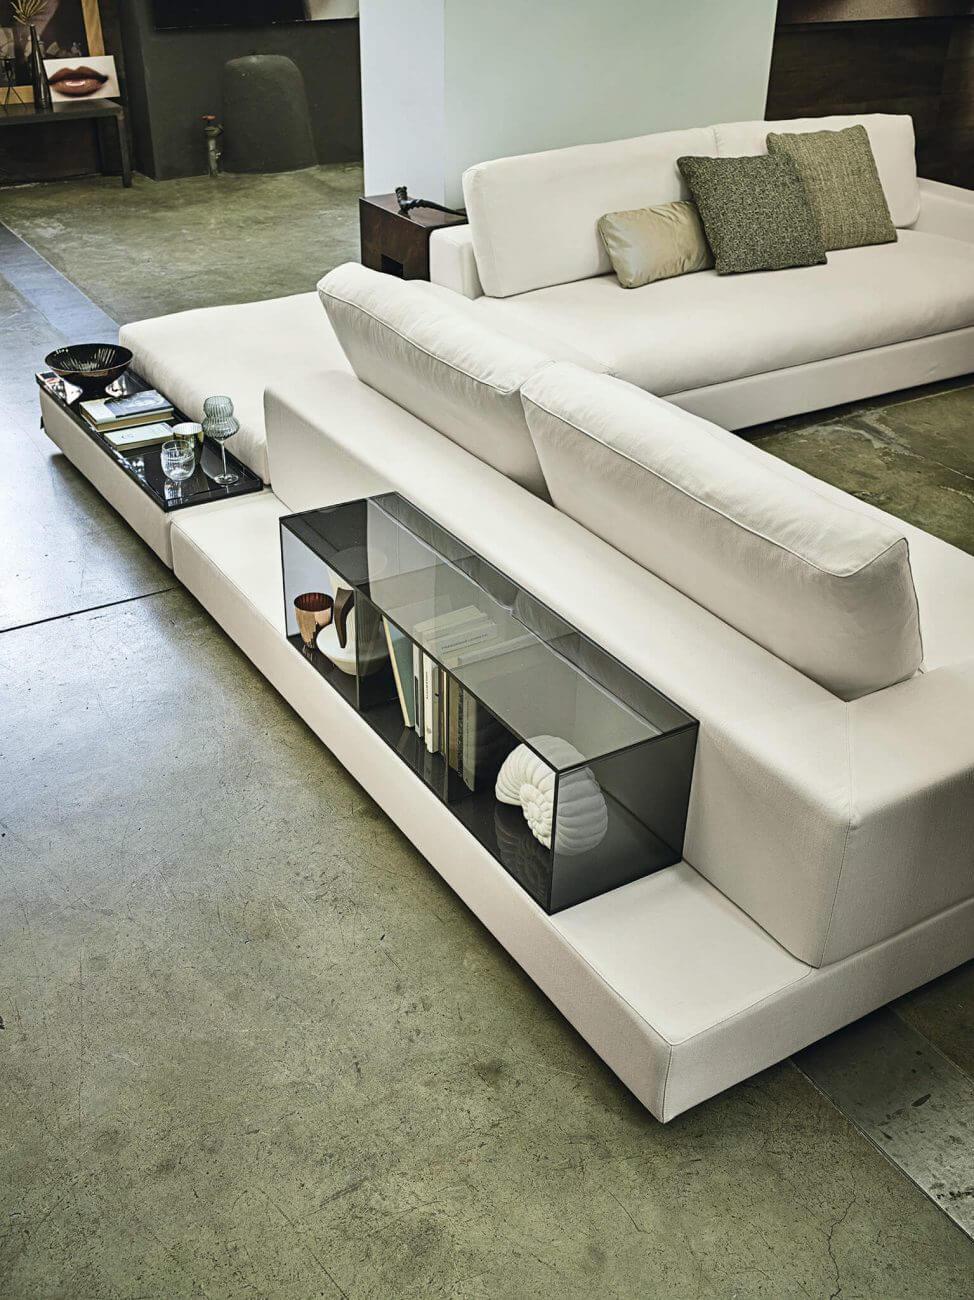 Arketipo sofa Plat design by Manzoni e Tapinassi